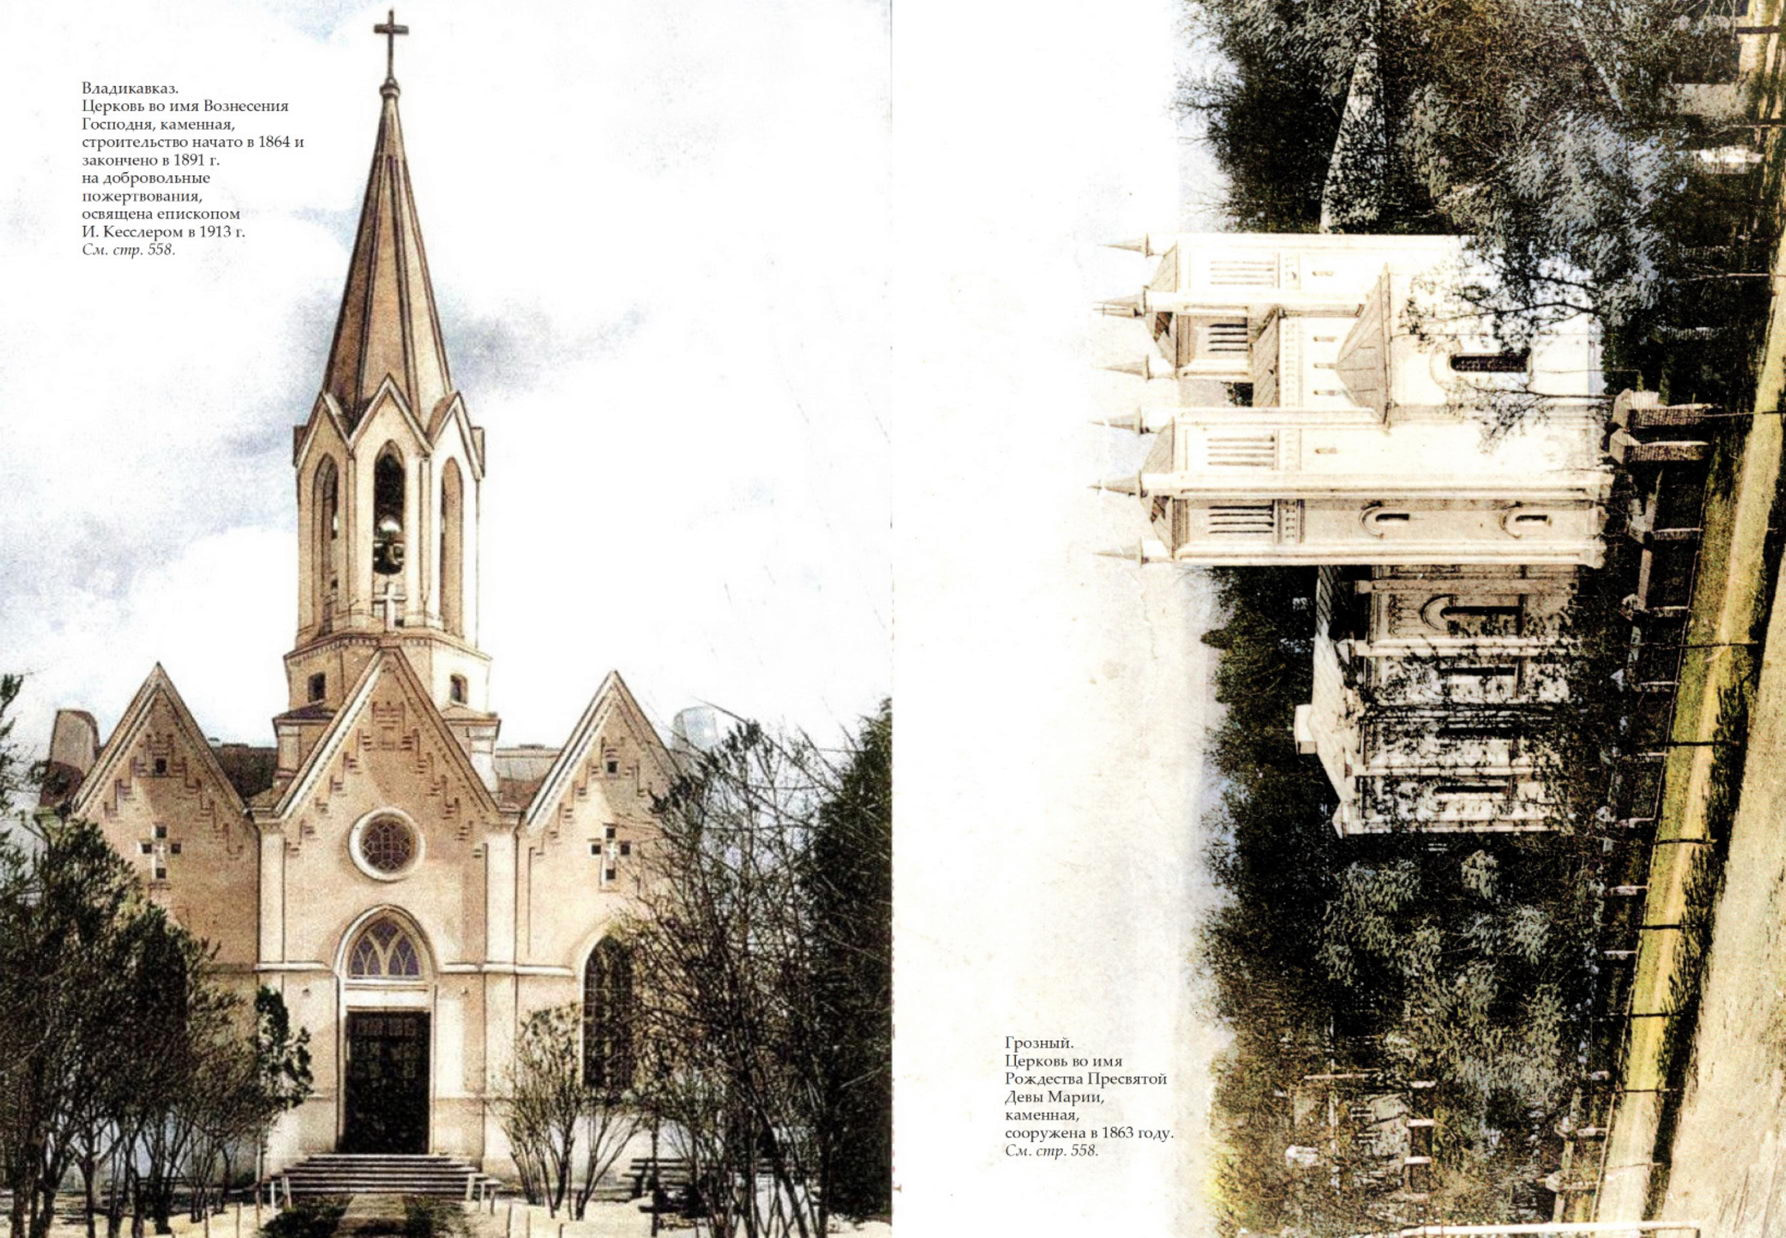 Издана книга, посвященная Католической Церкви в России накануне революции 1917 года и в Советский период 24